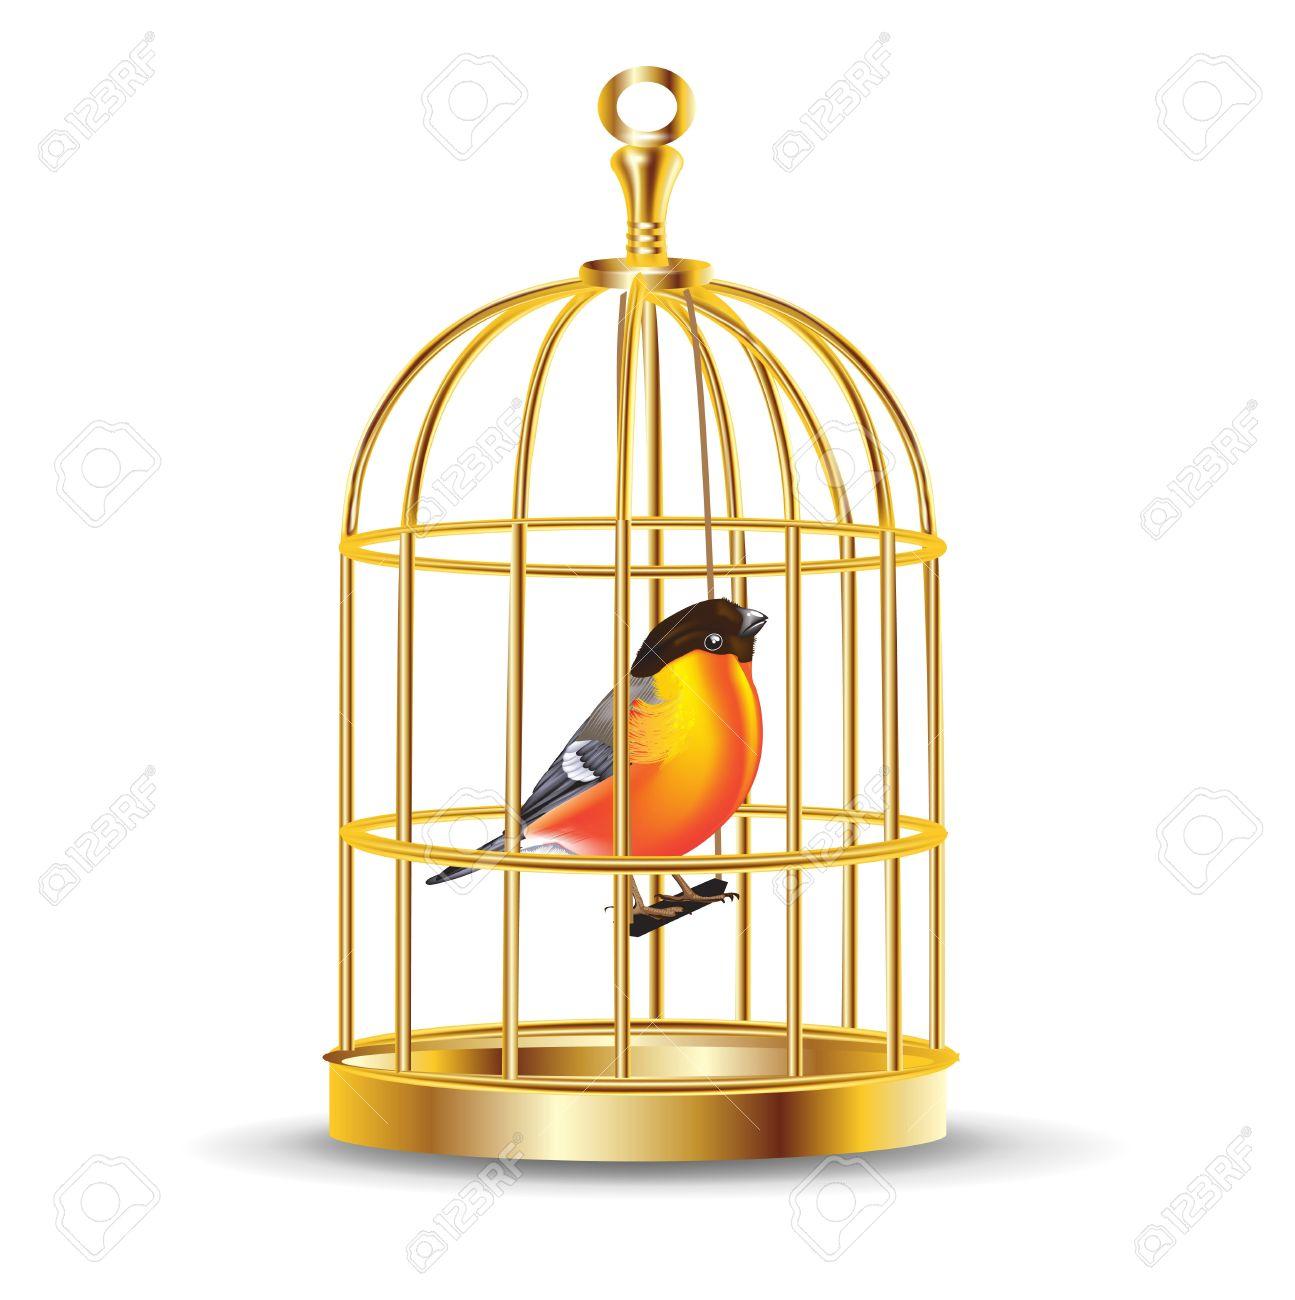 Kết quả hình ảnh cho a bird in a cage